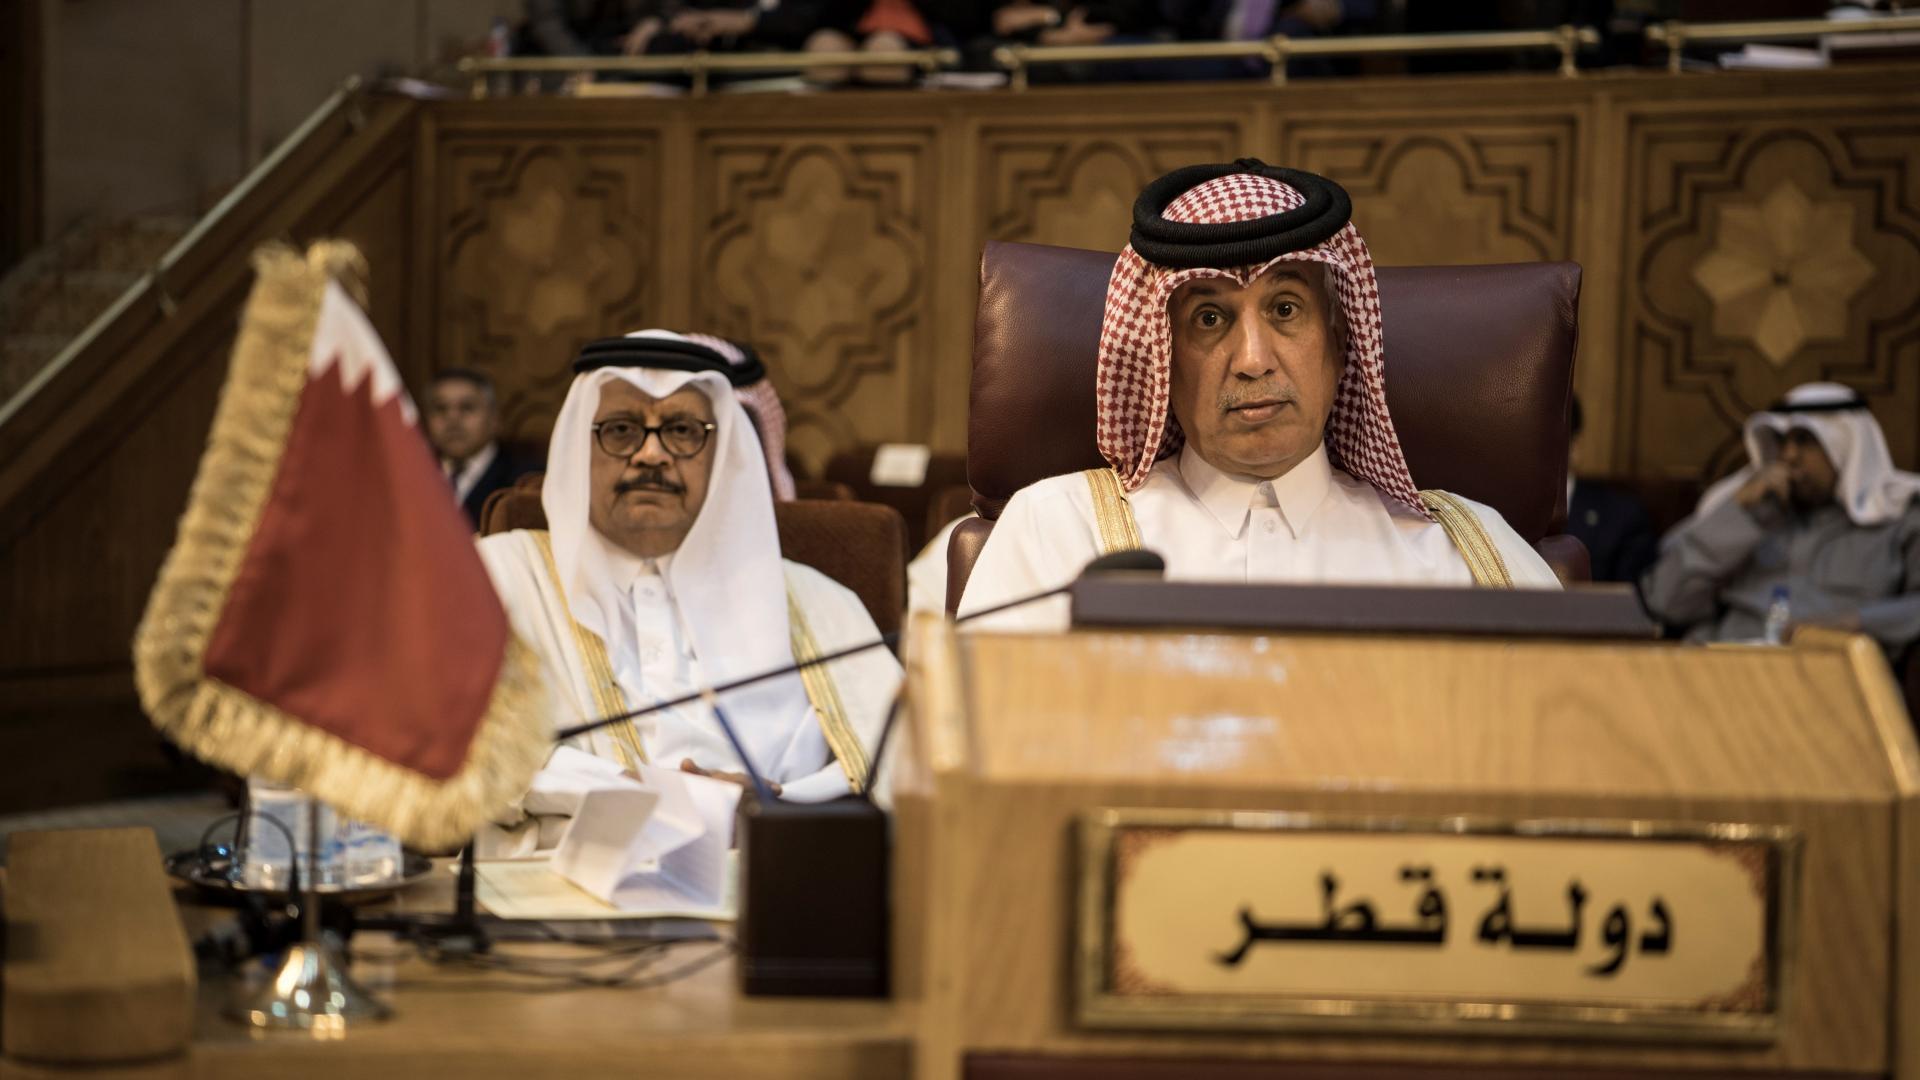 ممثل قطر بالجامعة العربية: اخطار وتحديات محدقة بأمتنا تستدعي حل الخلافات